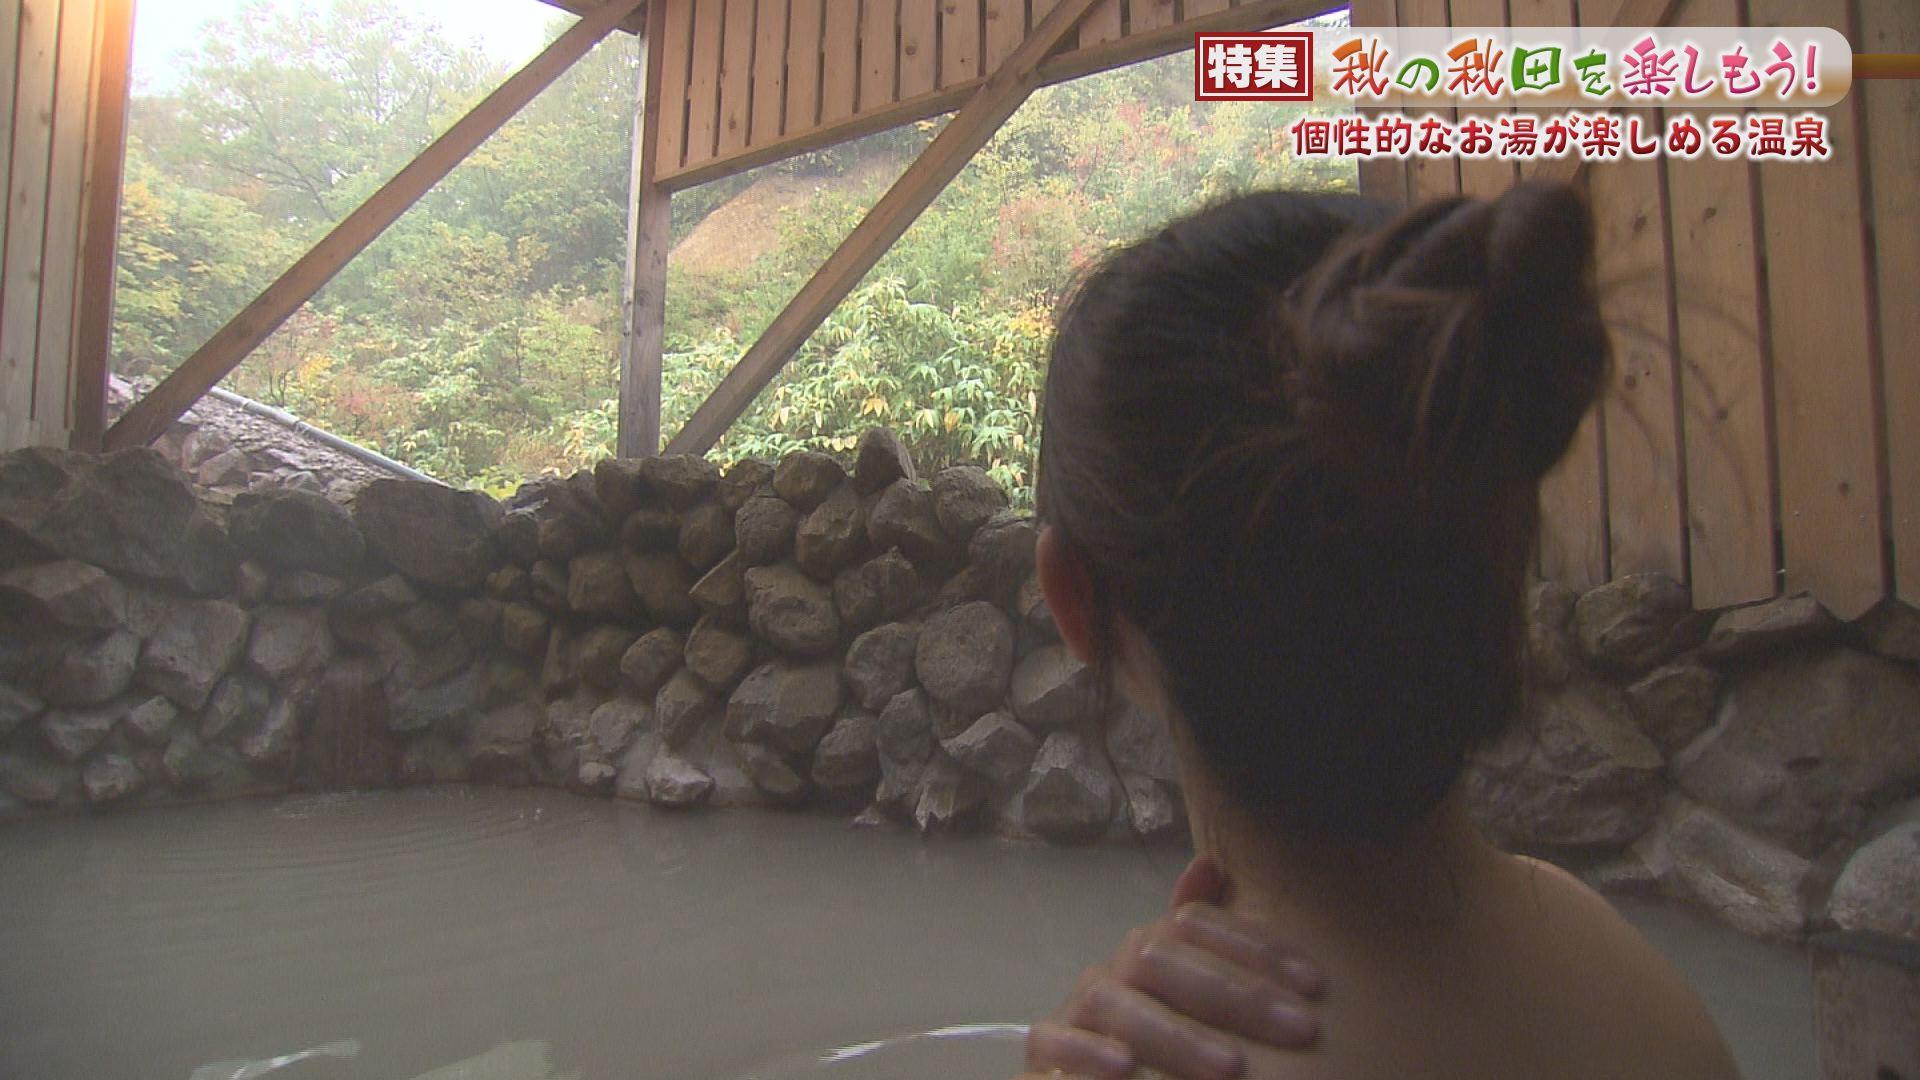 いいコト!「秋の秋田を楽しもう!」